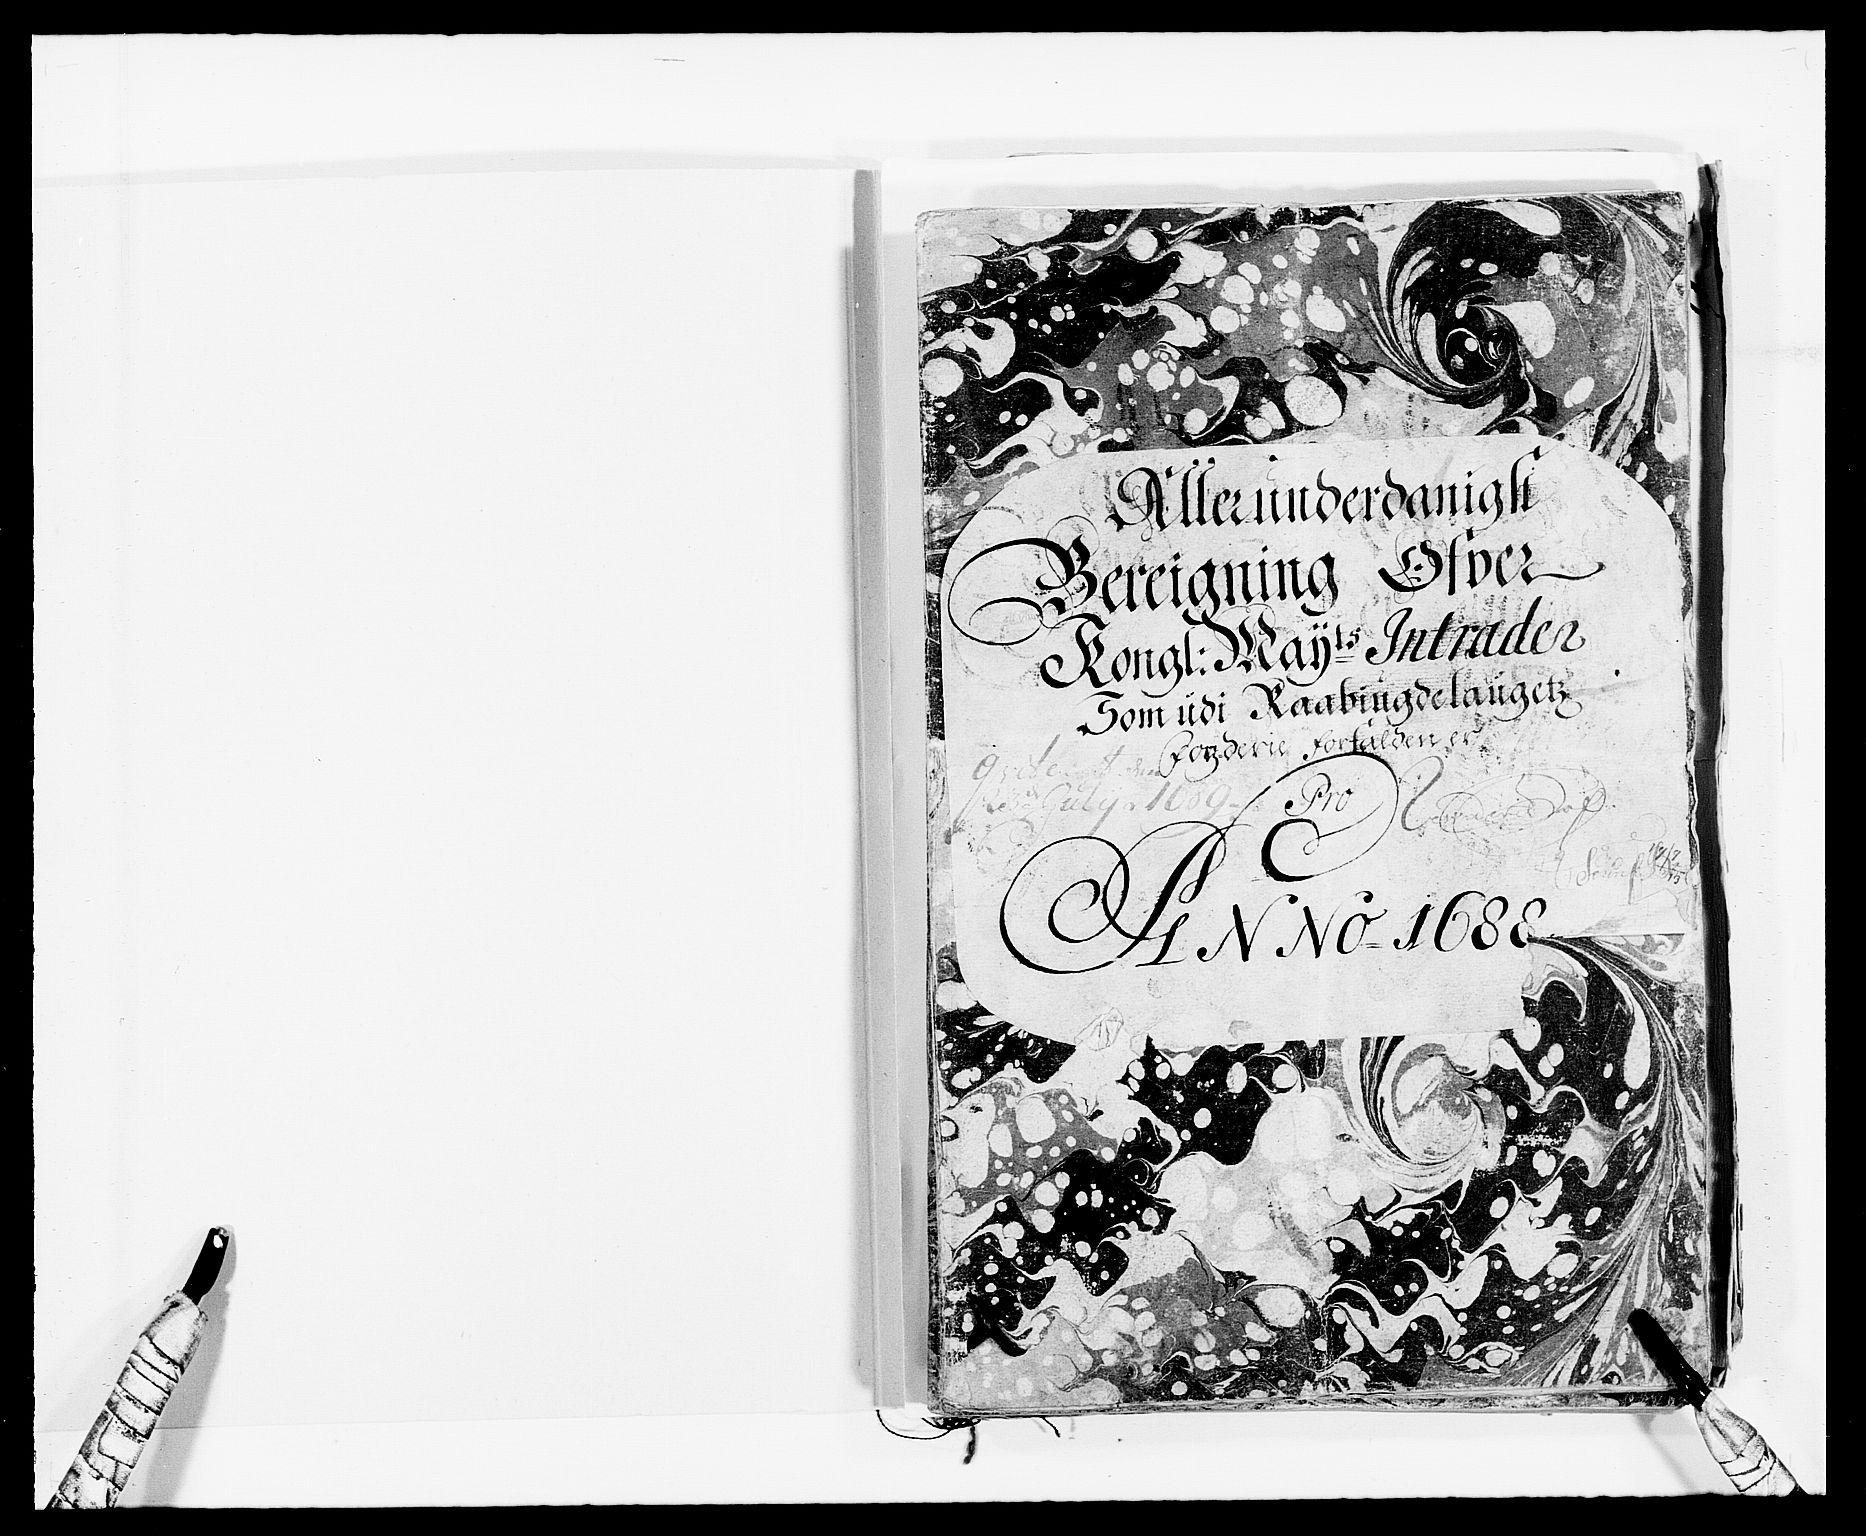 RA, Rentekammeret inntil 1814, Reviderte regnskaper, Fogderegnskap, R40/L2441: Fogderegnskap Råbyggelag, 1688, s. 2